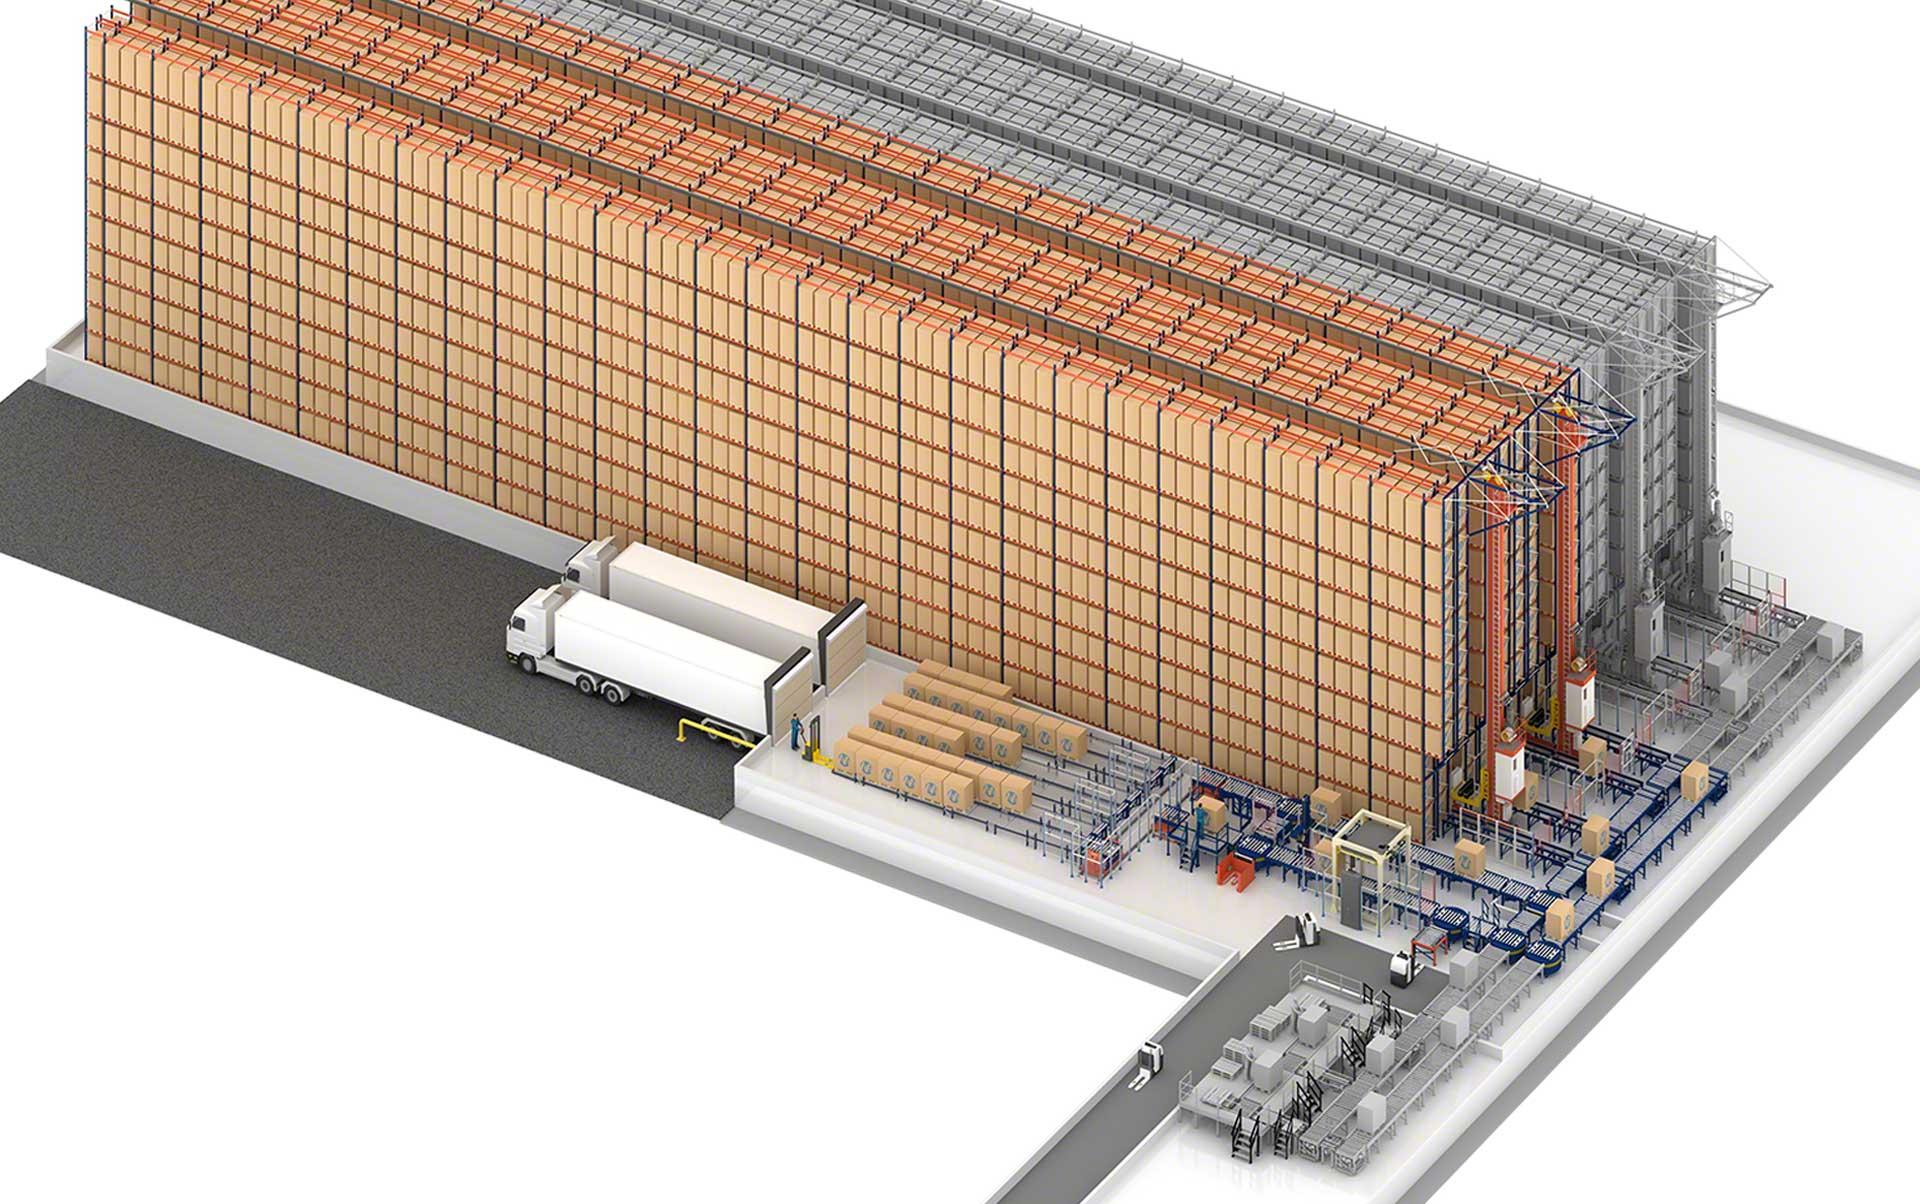 Almacén automático de Sabarot en Francia con capacidad para 6.376 tarimas